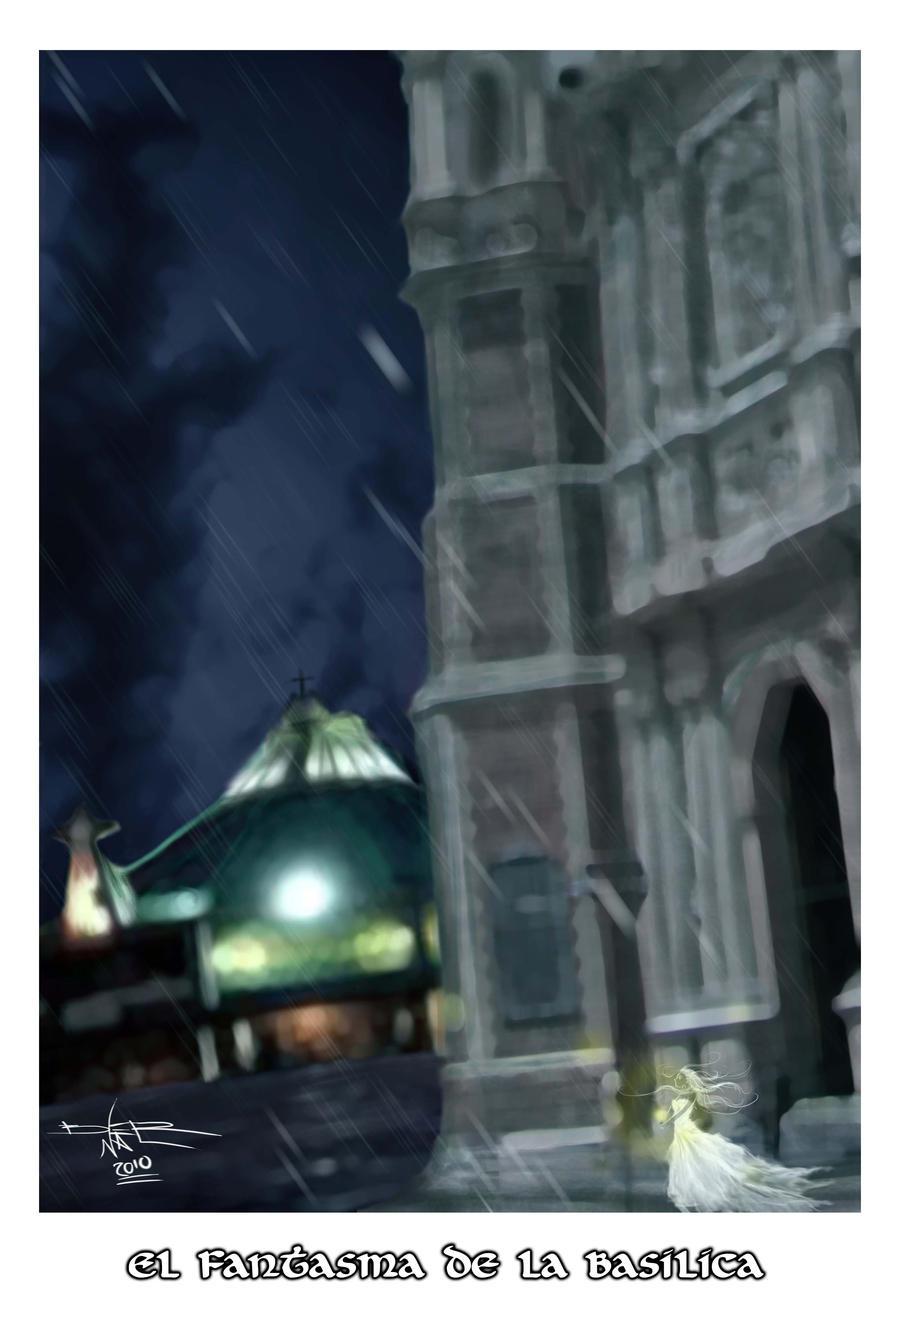 El fantasma de la basilica by el-sour-maldito